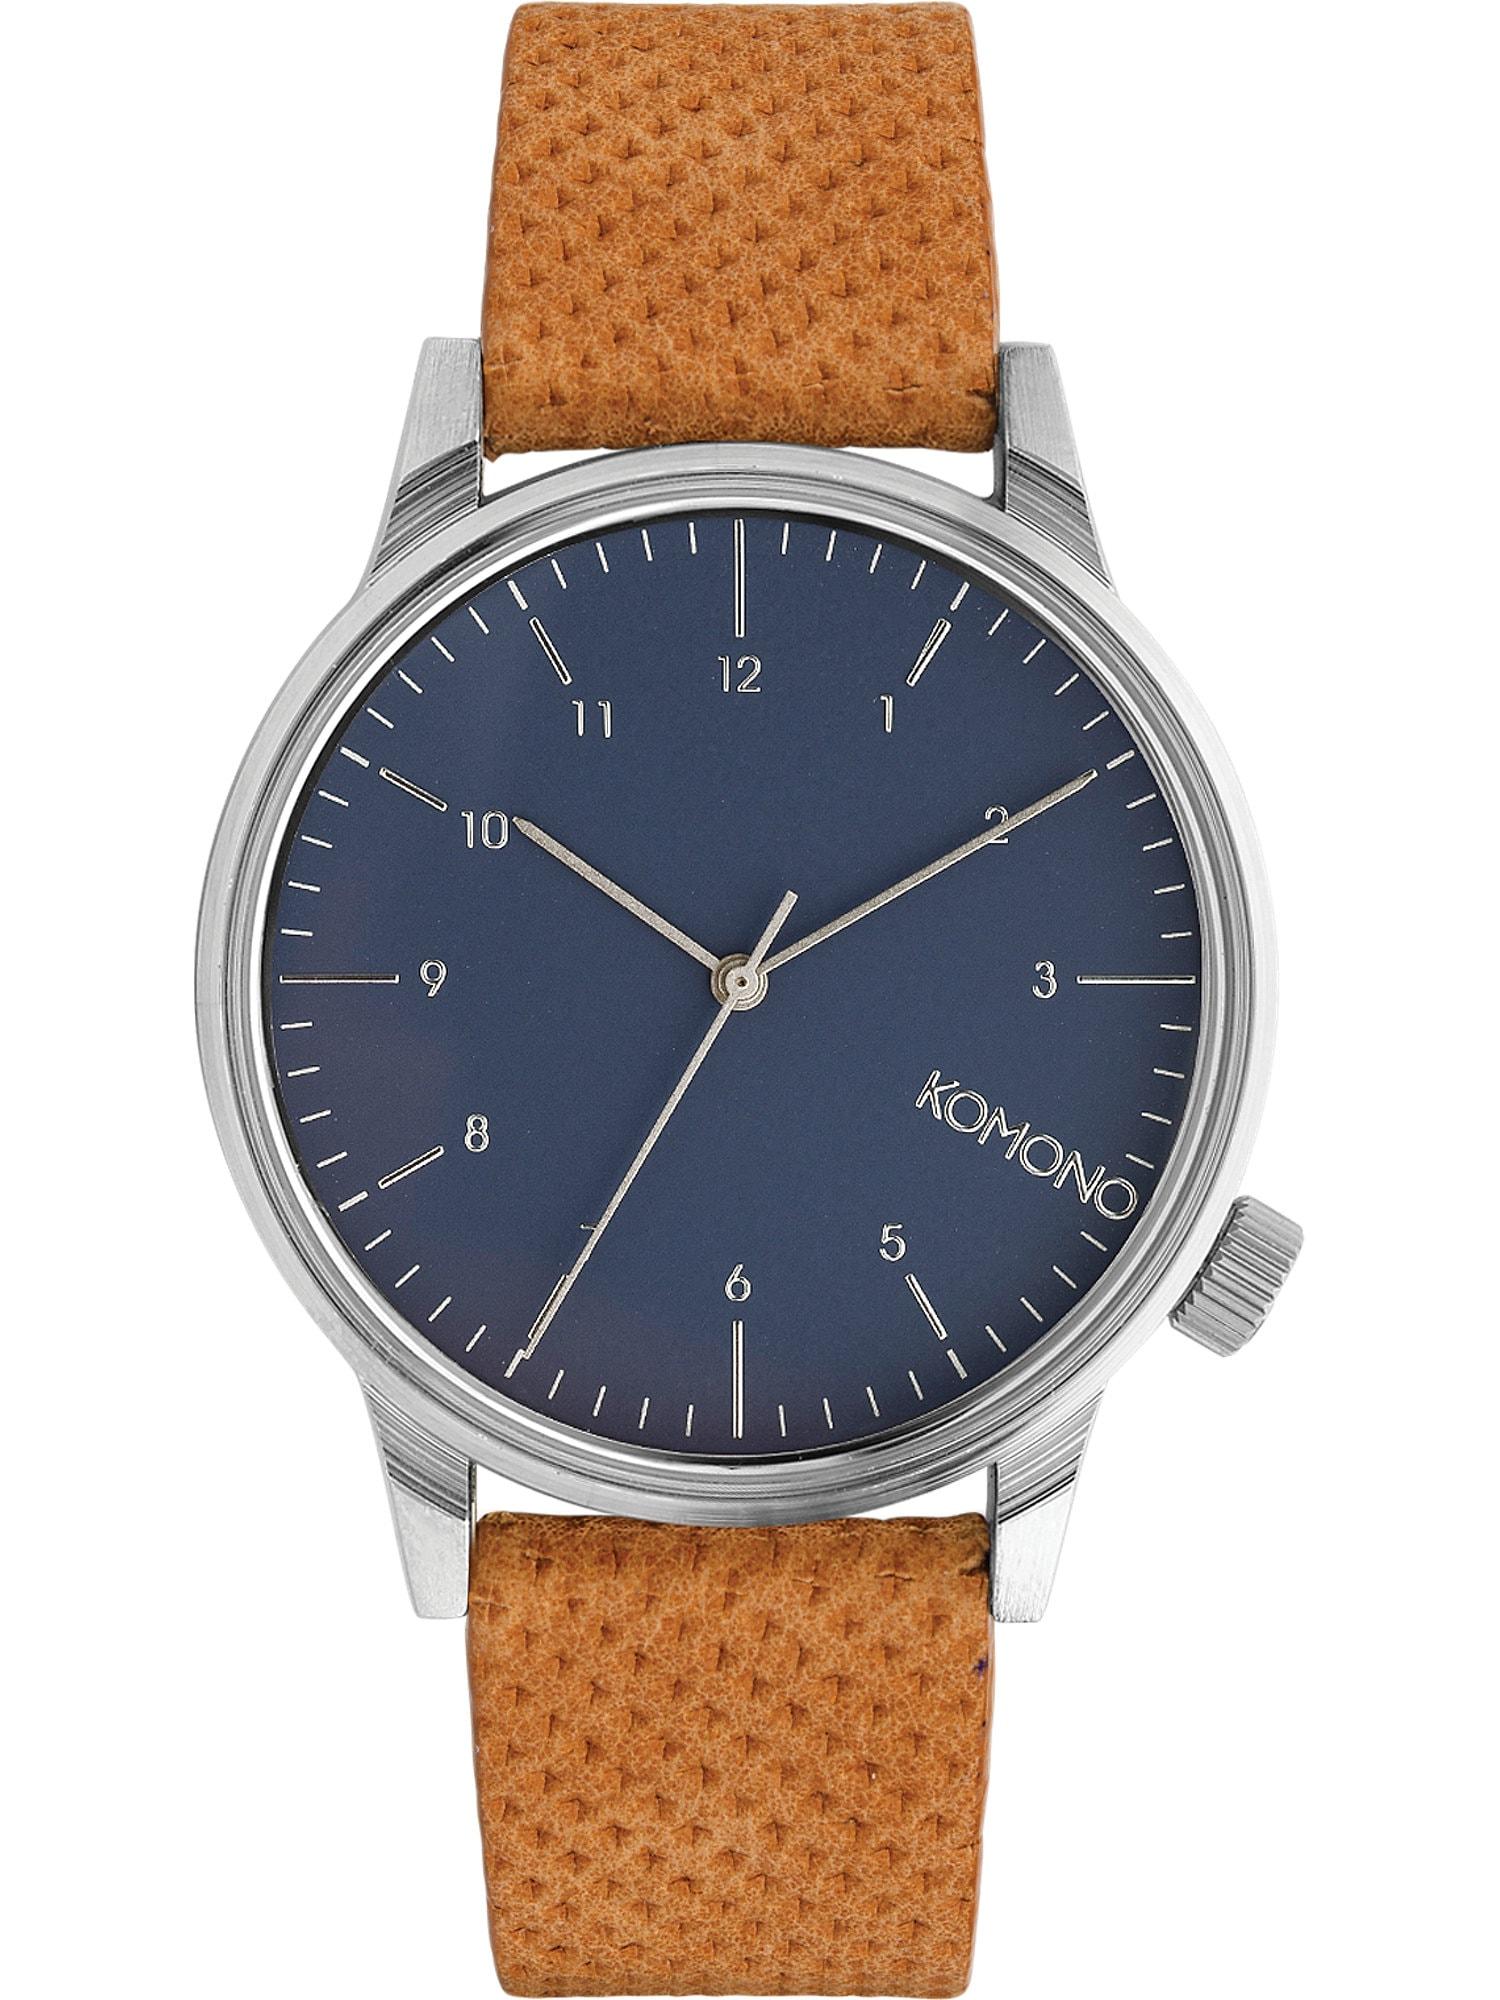 Analogové hodinky Winston námořnická modř koňaková stříbrná Komono